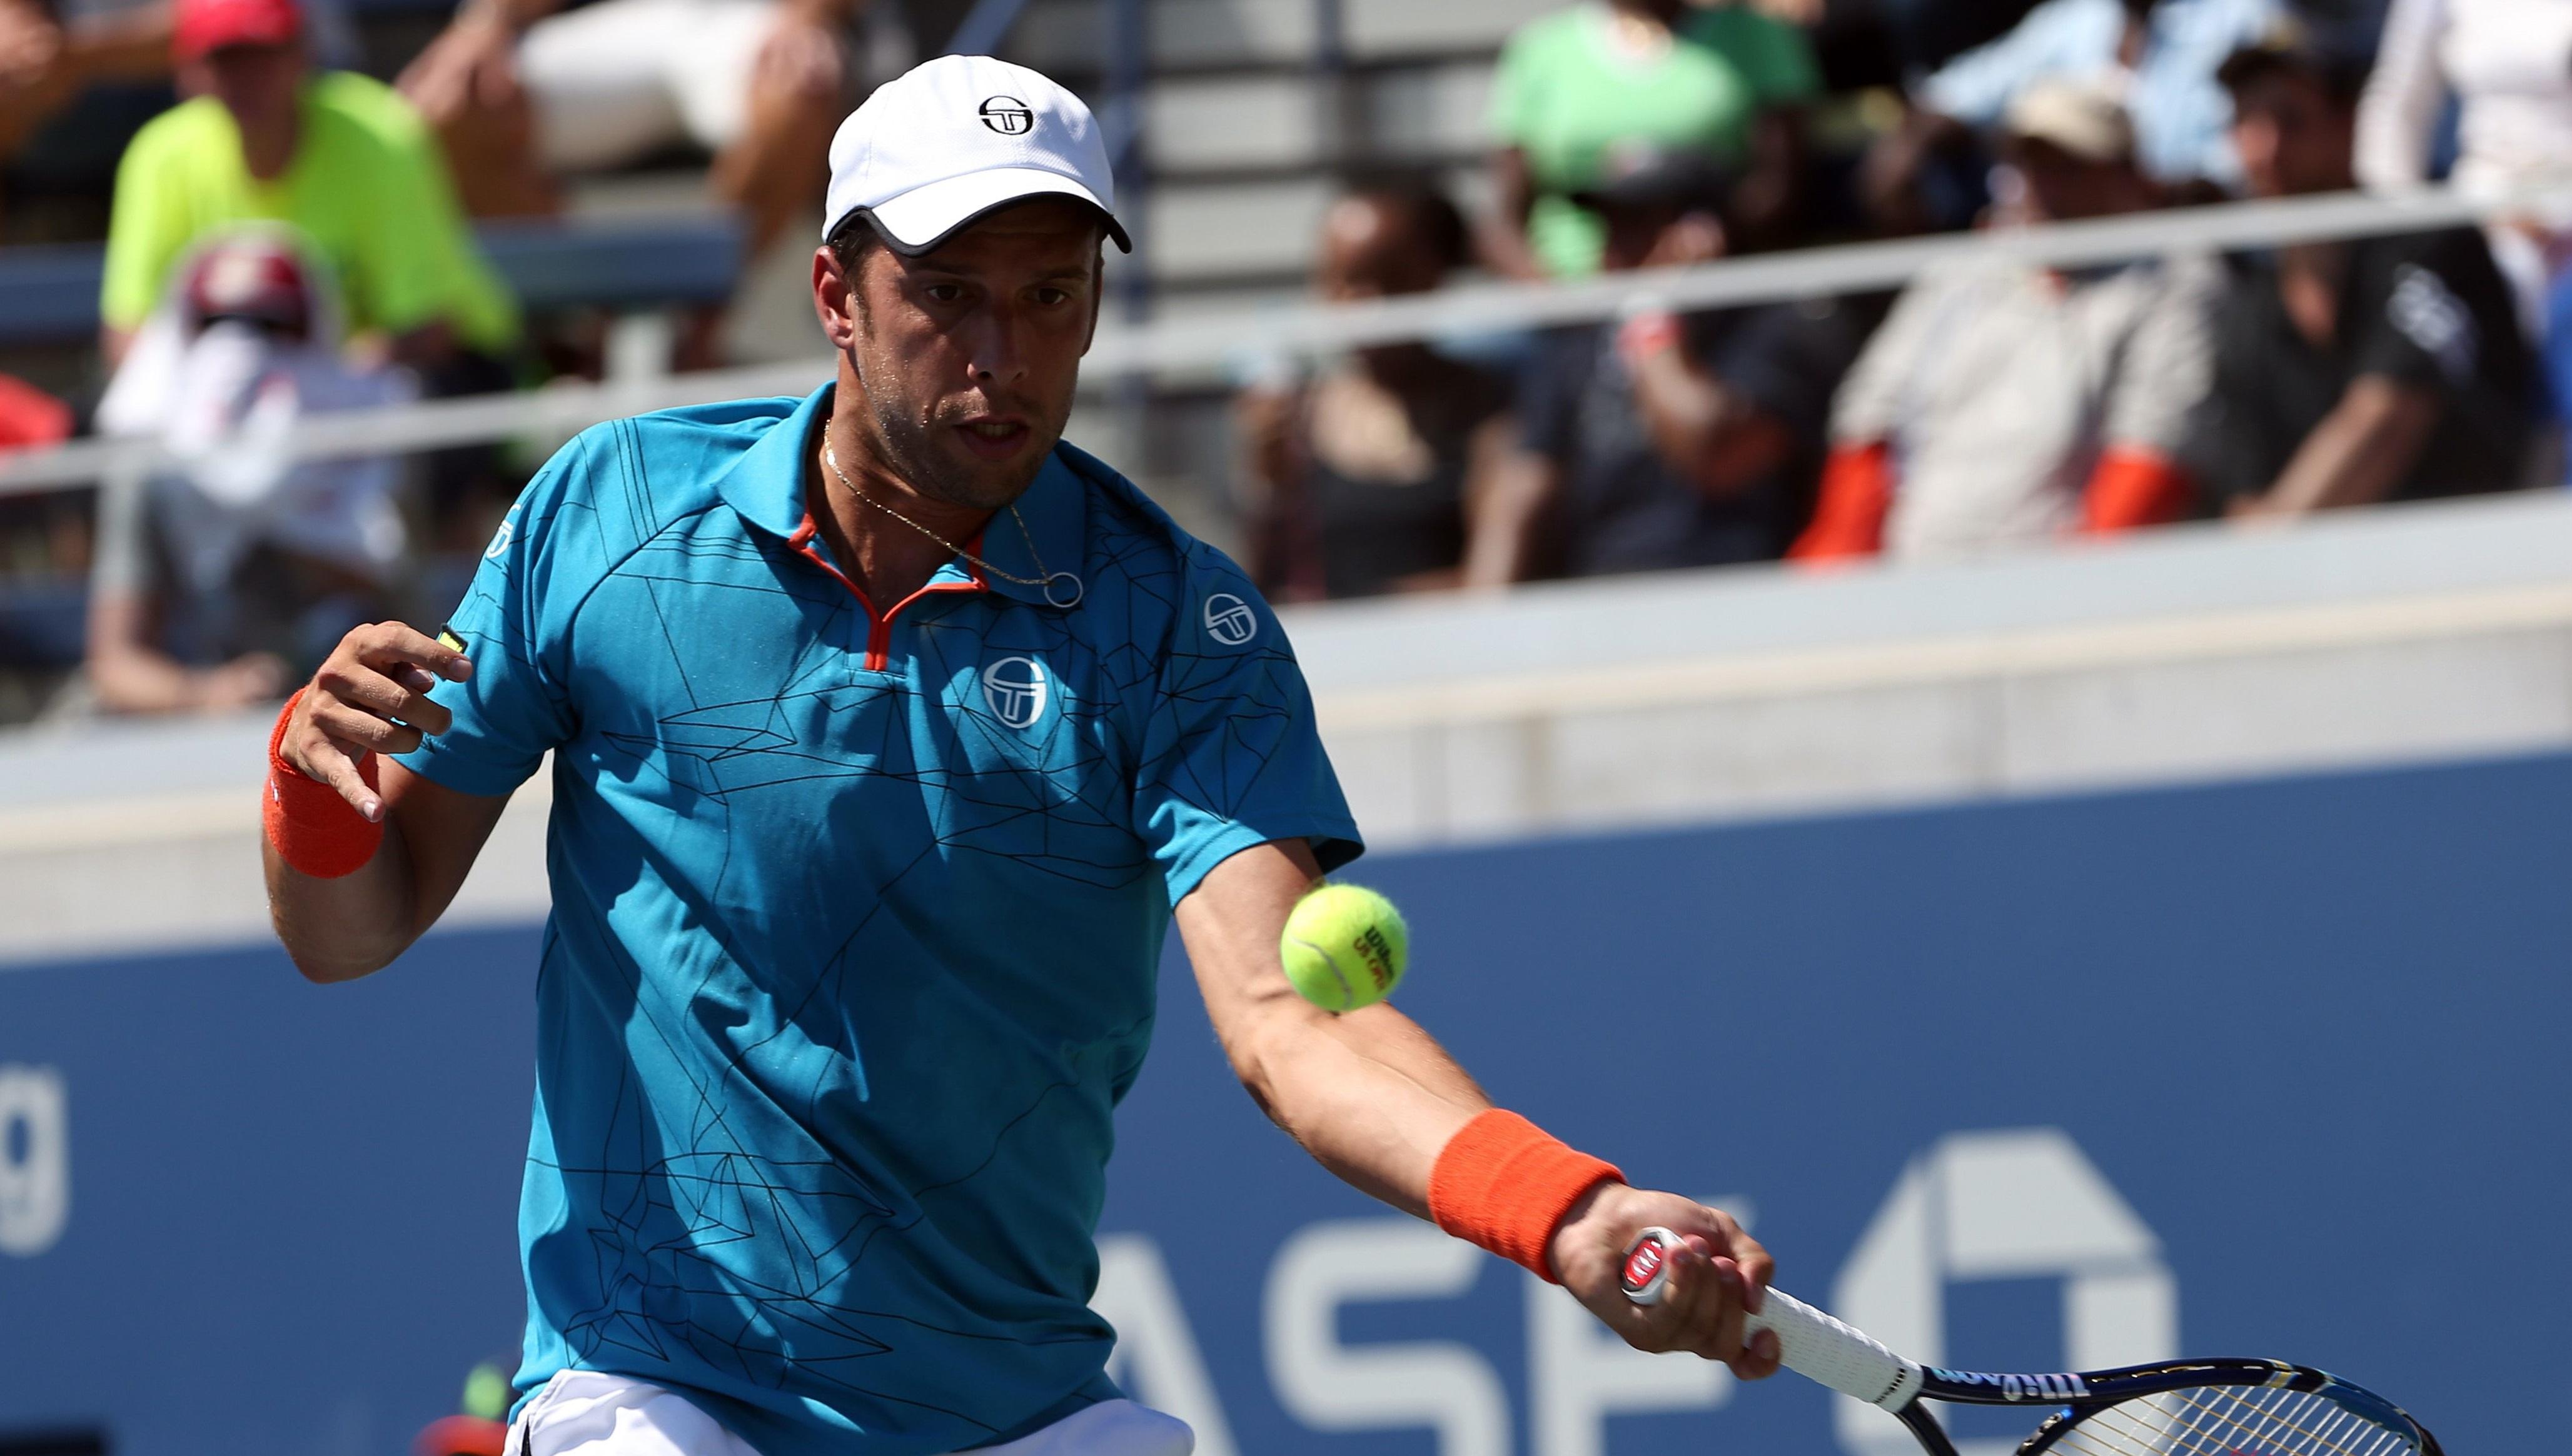 Comme lors des deux saisons précédentes, Gilles Muller quitte l'US Open dès le premier tour. (photo AP)